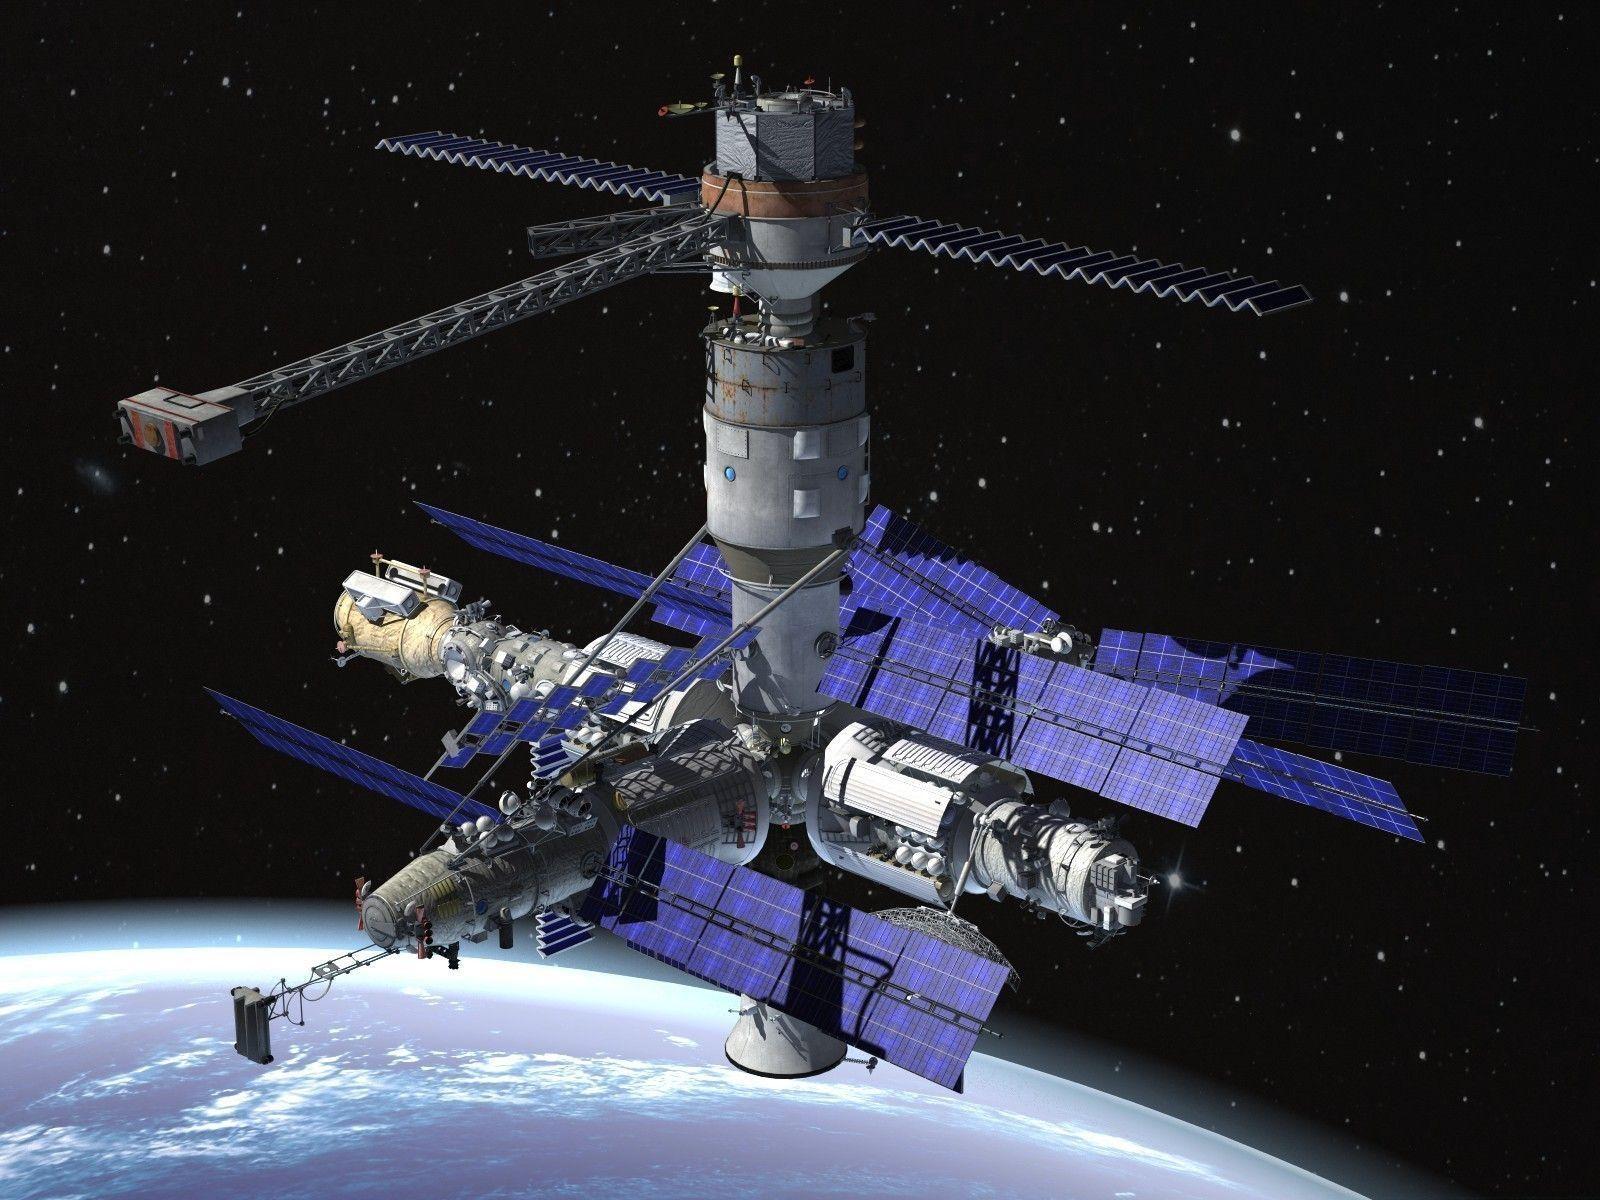 MIR Space Station Complex 3D Model MAX OBJ 3DS FBX C4D LWO ...